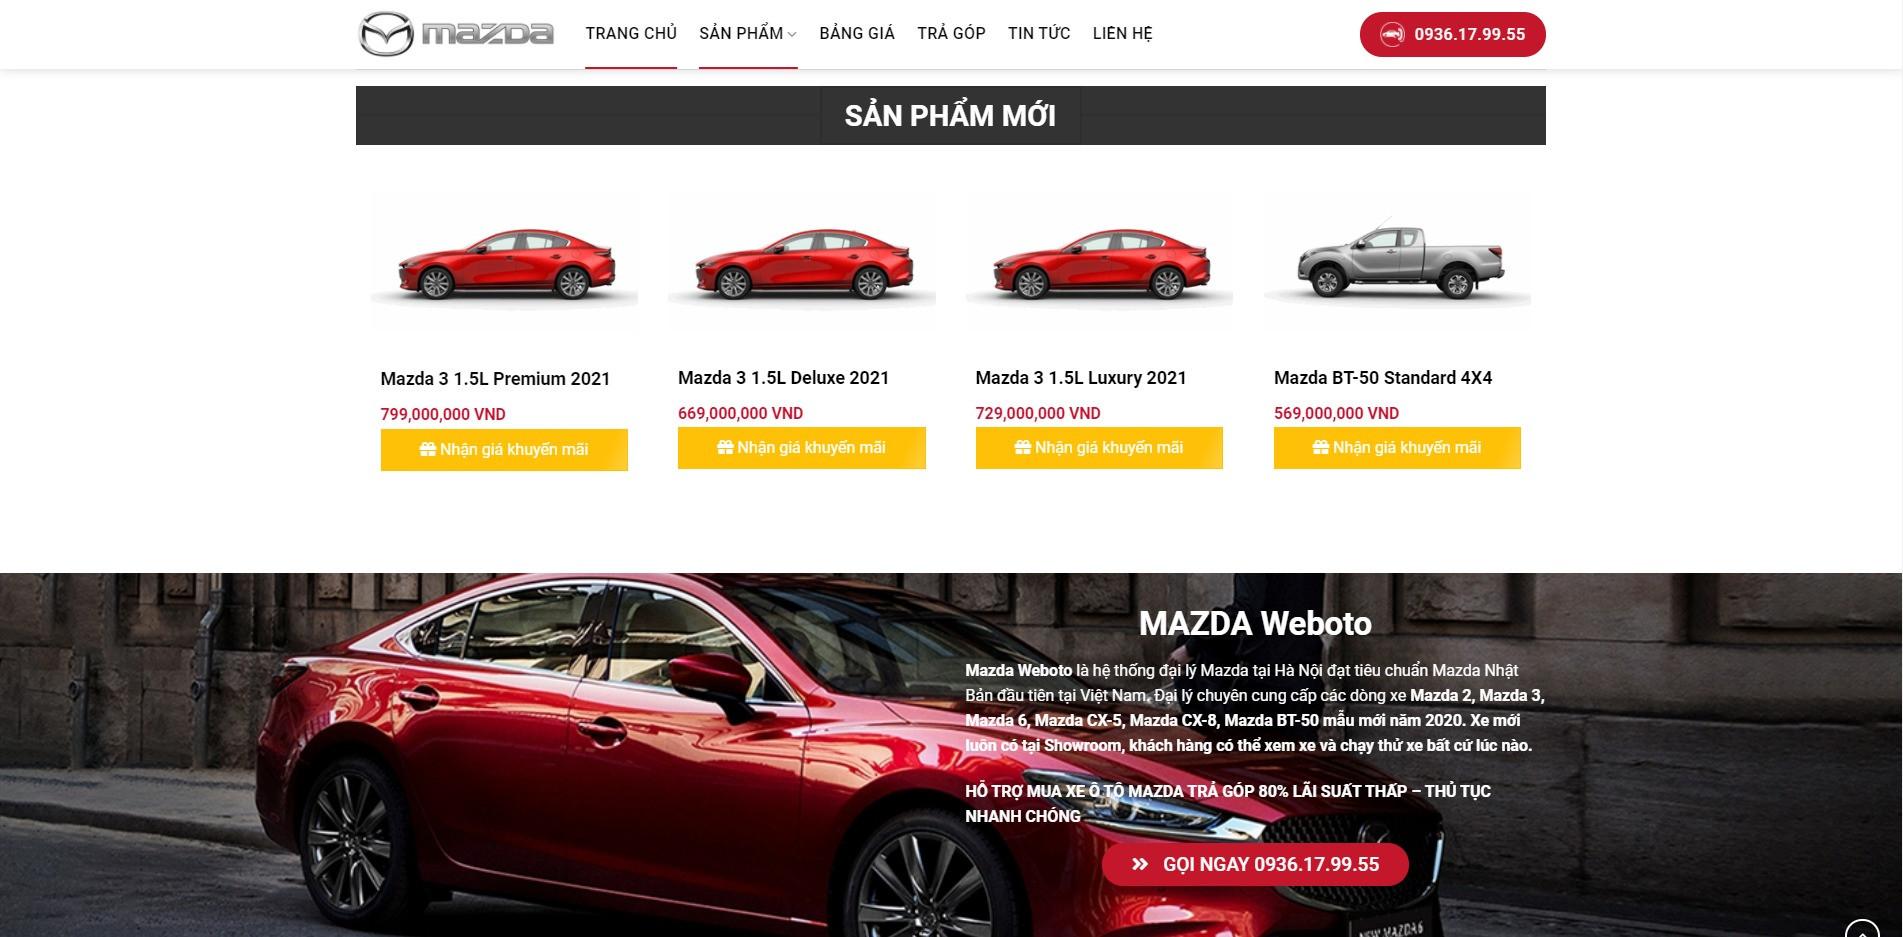 Mục sản phẩm mới ở trang chủ Website ô tô Mazda